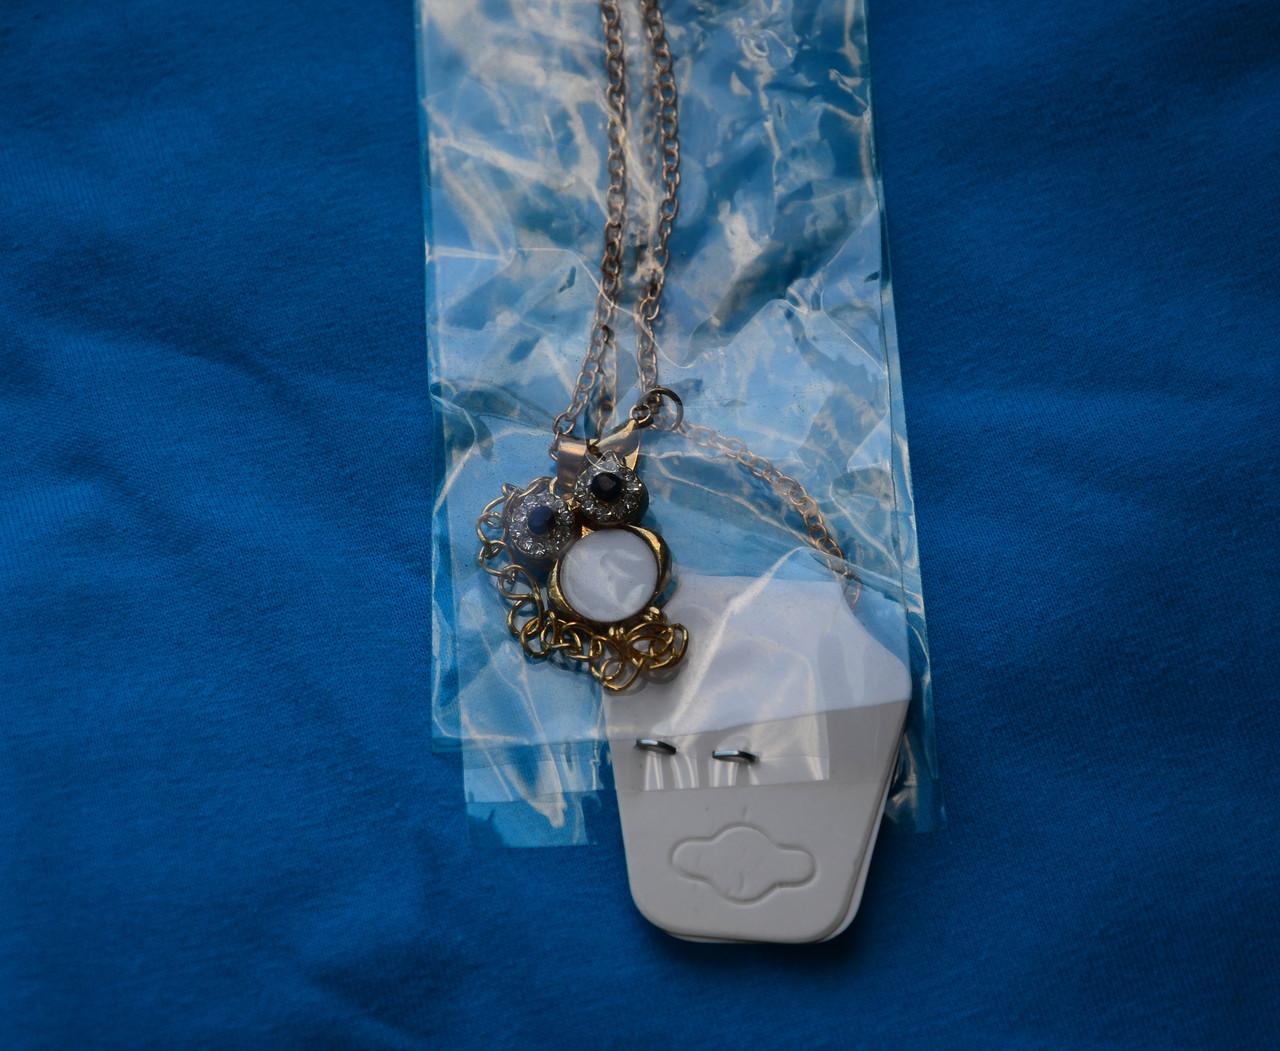 Яскравий помітний кулон у вигляді сови совушки совеня зі стразами та камінням під золото з ланцюжком 082021